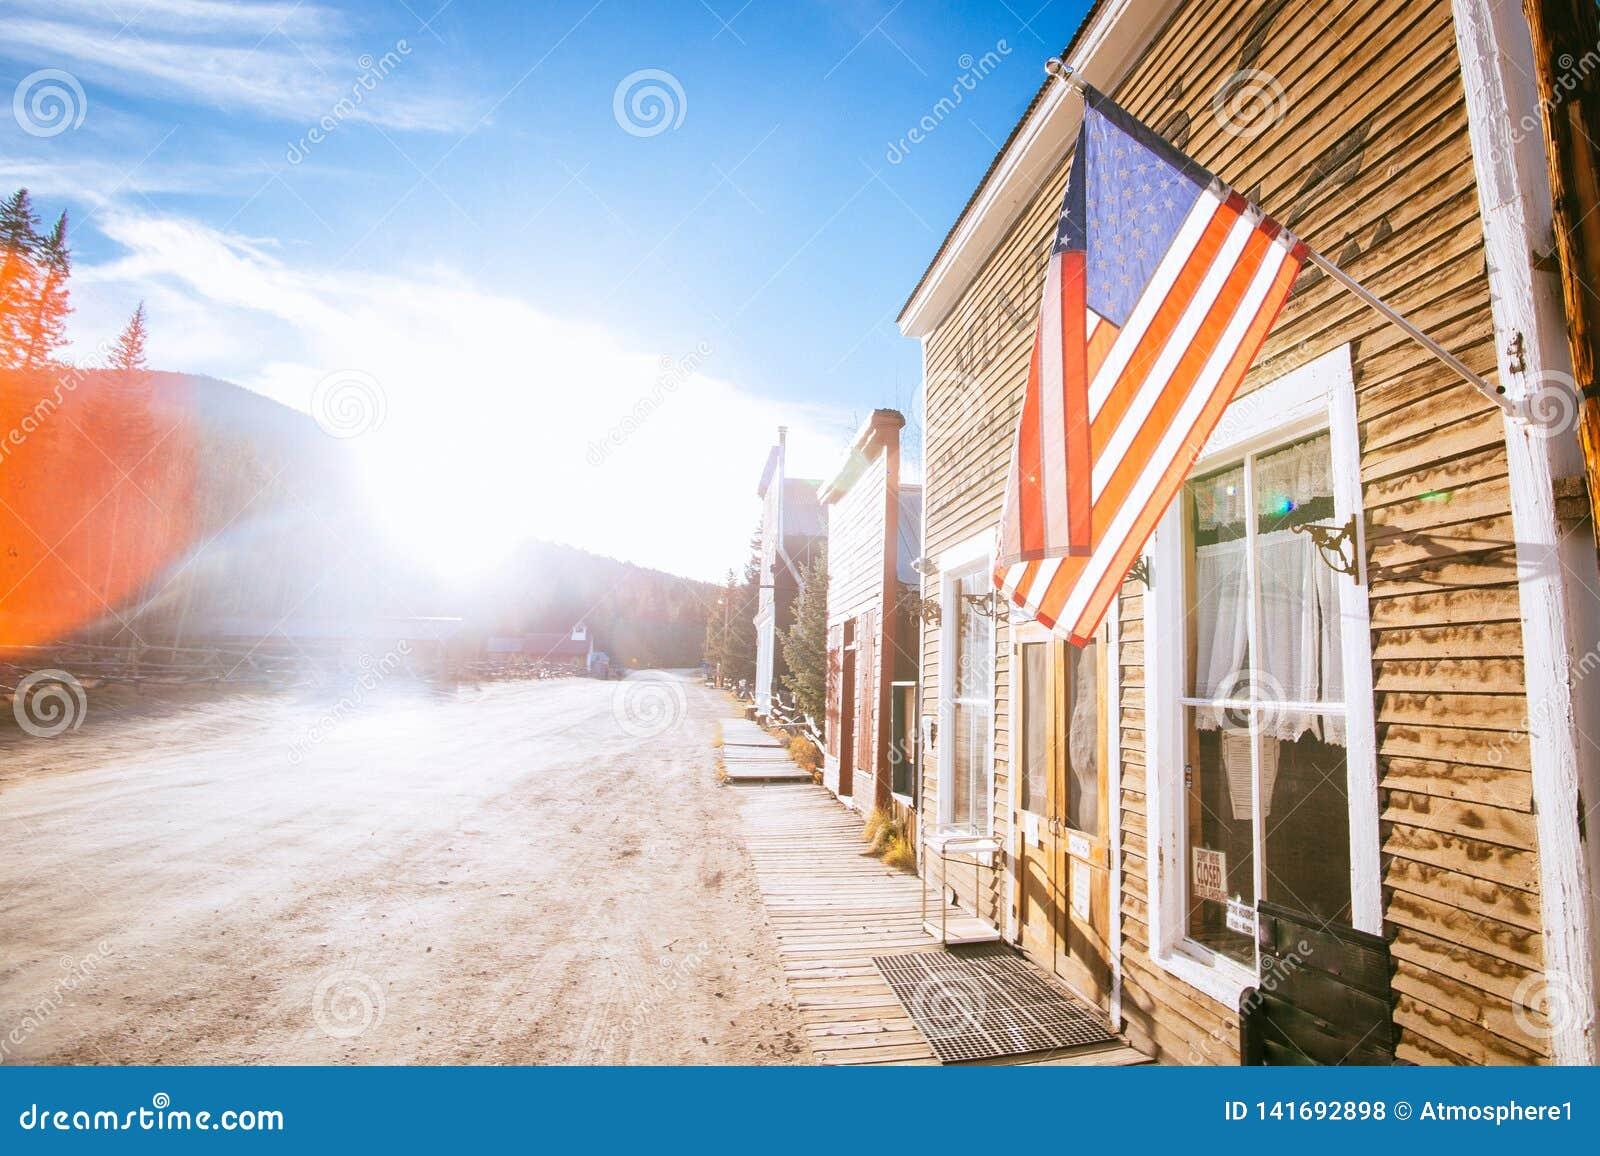 Старые западные деревянные здания с флагом Соединенных Штатов, в город-привидении золотодобывающего рудника St Elmo в Колорадо, С